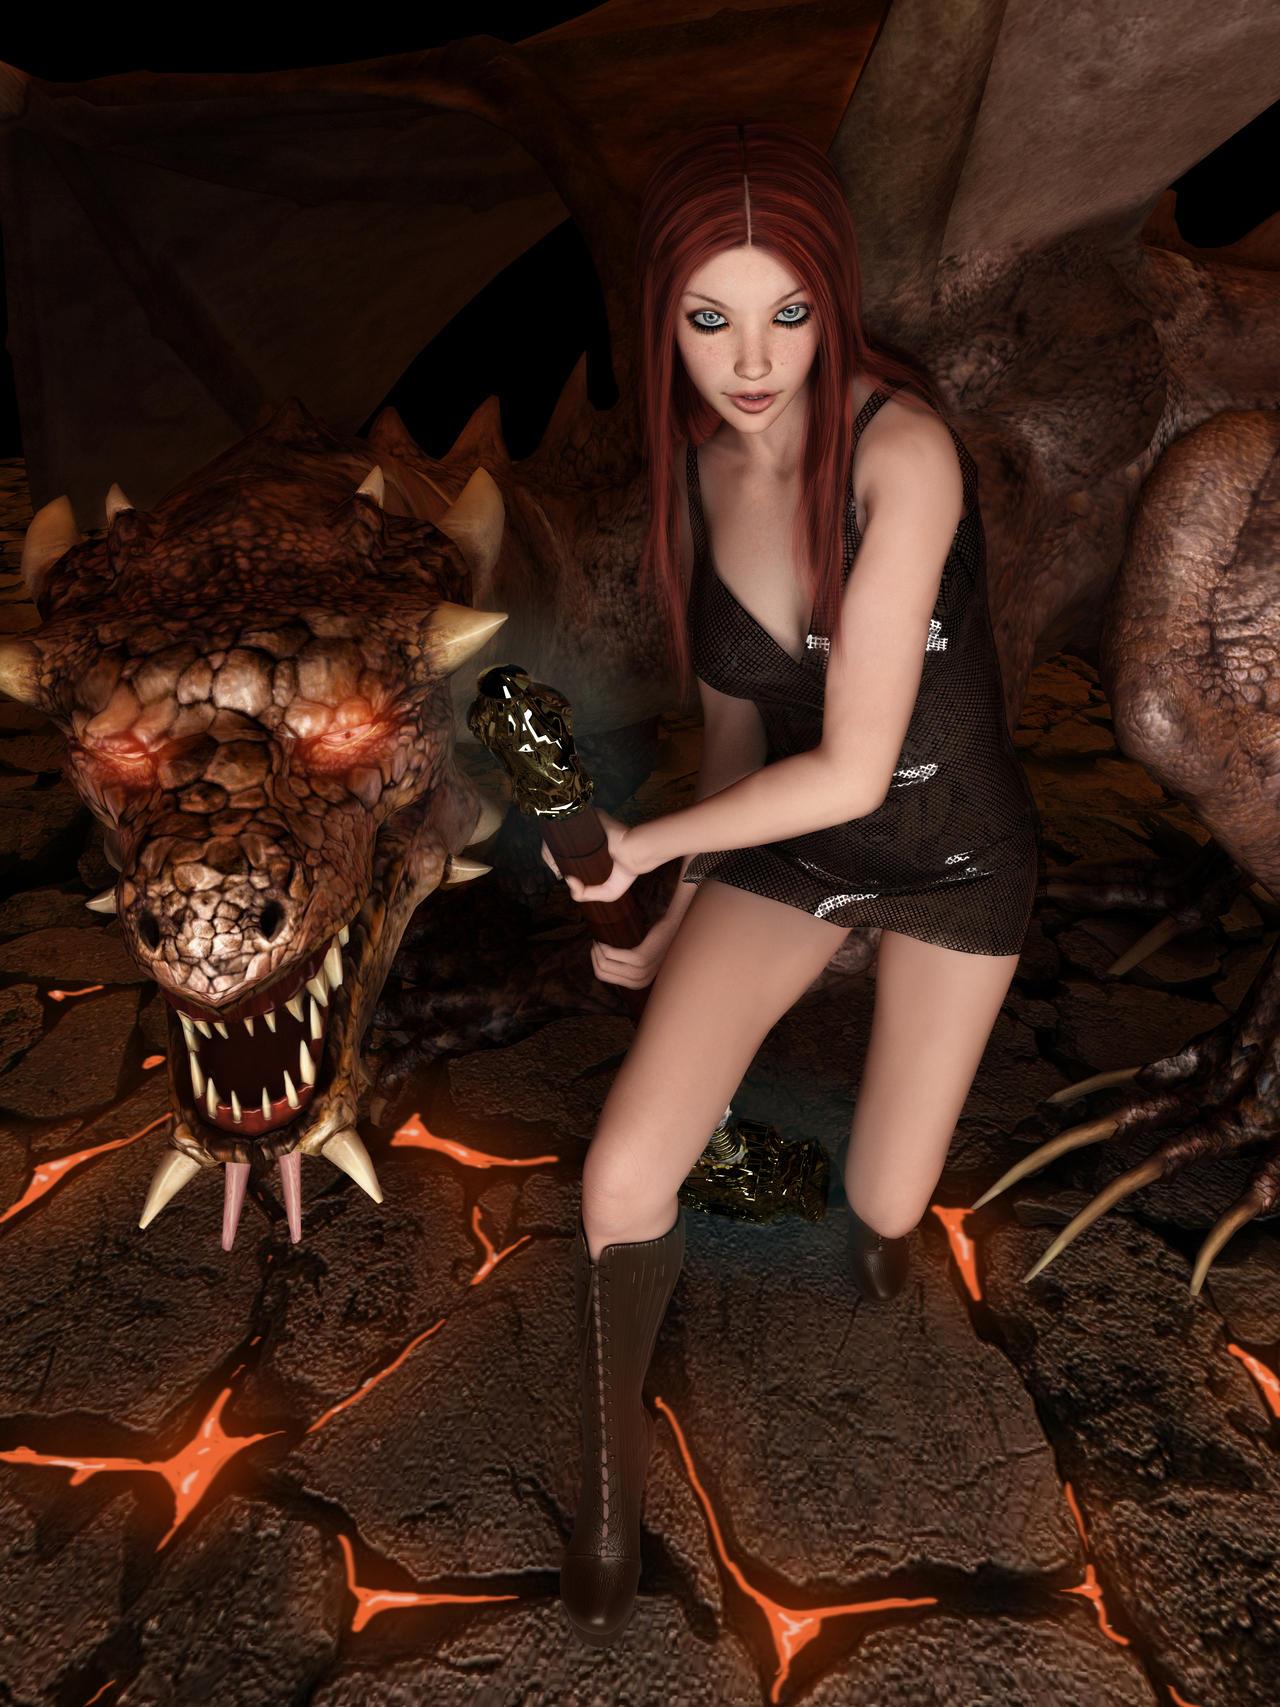 Warhammer by ozzboyd